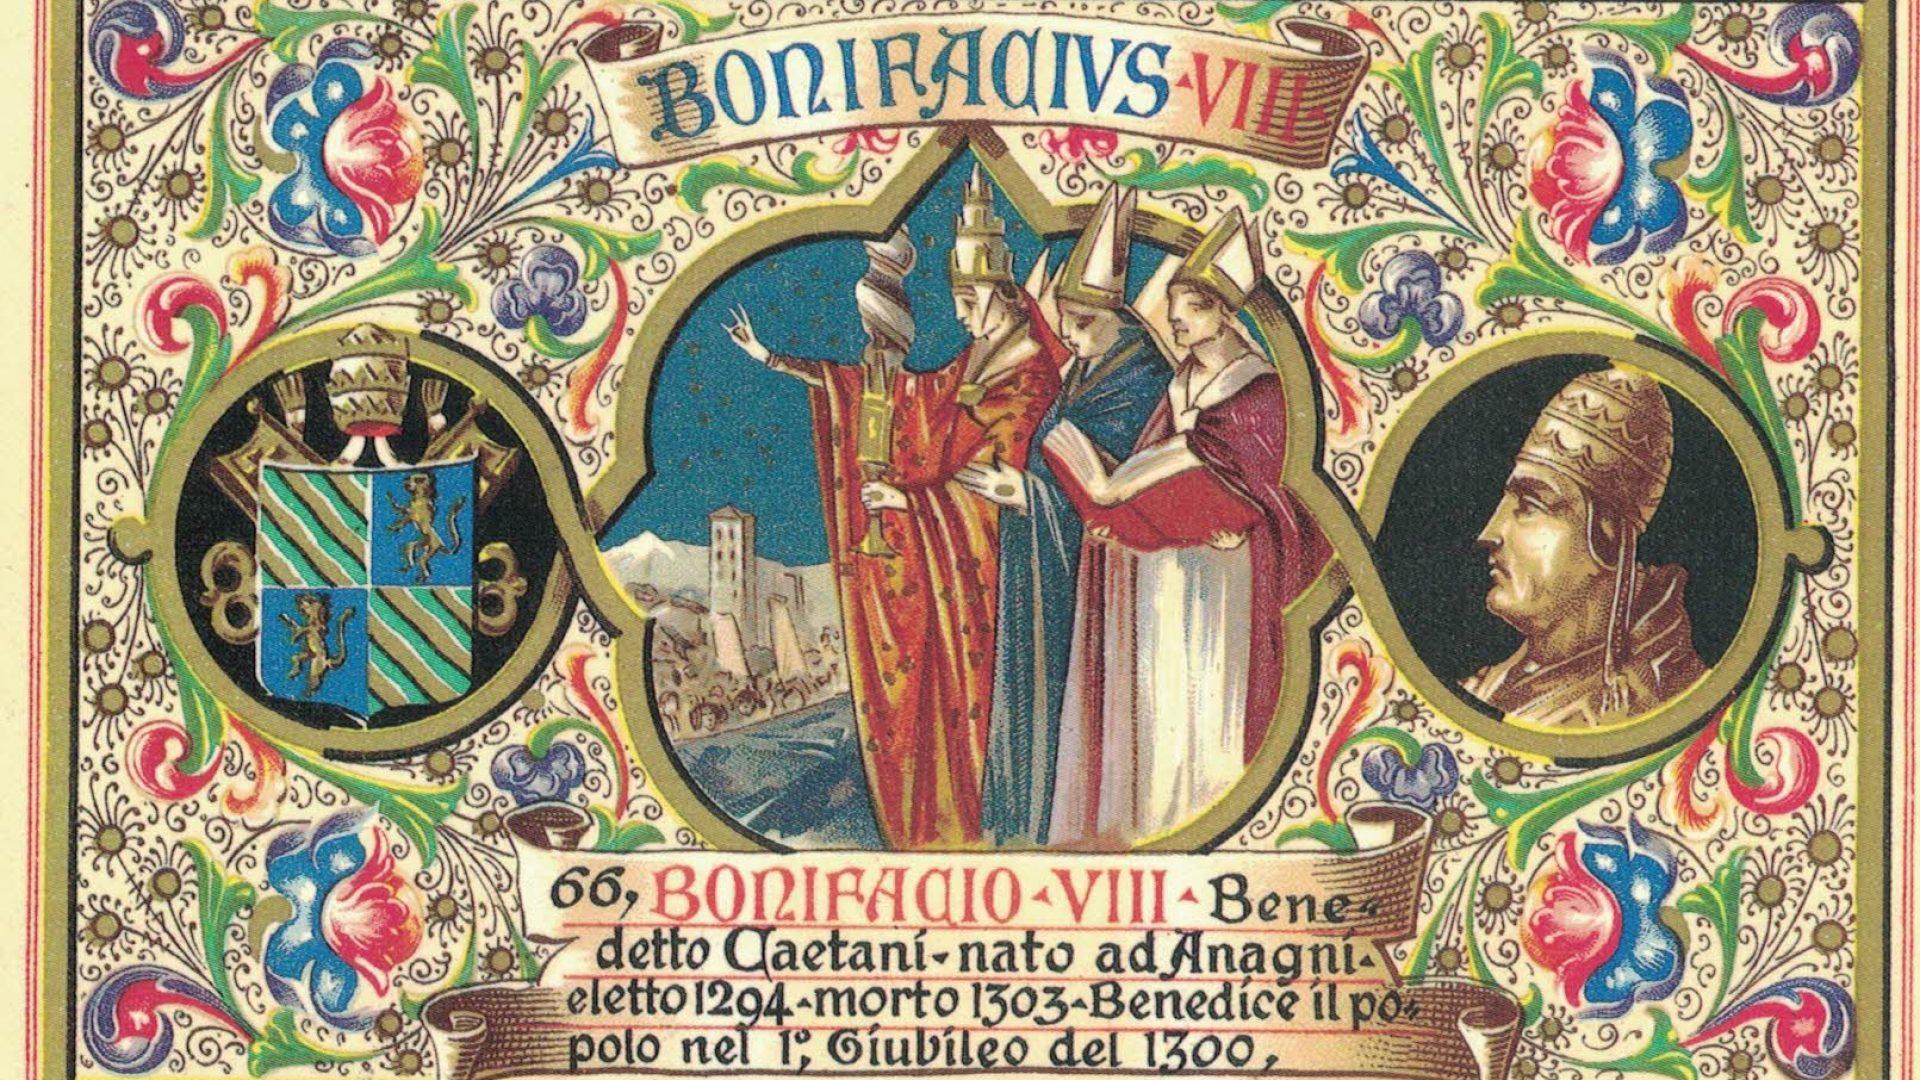 GIUBILEO 2000, L'ANNULLO FILATELIC0 ANAGNINO DEDICATO A BONIFACIO VIII